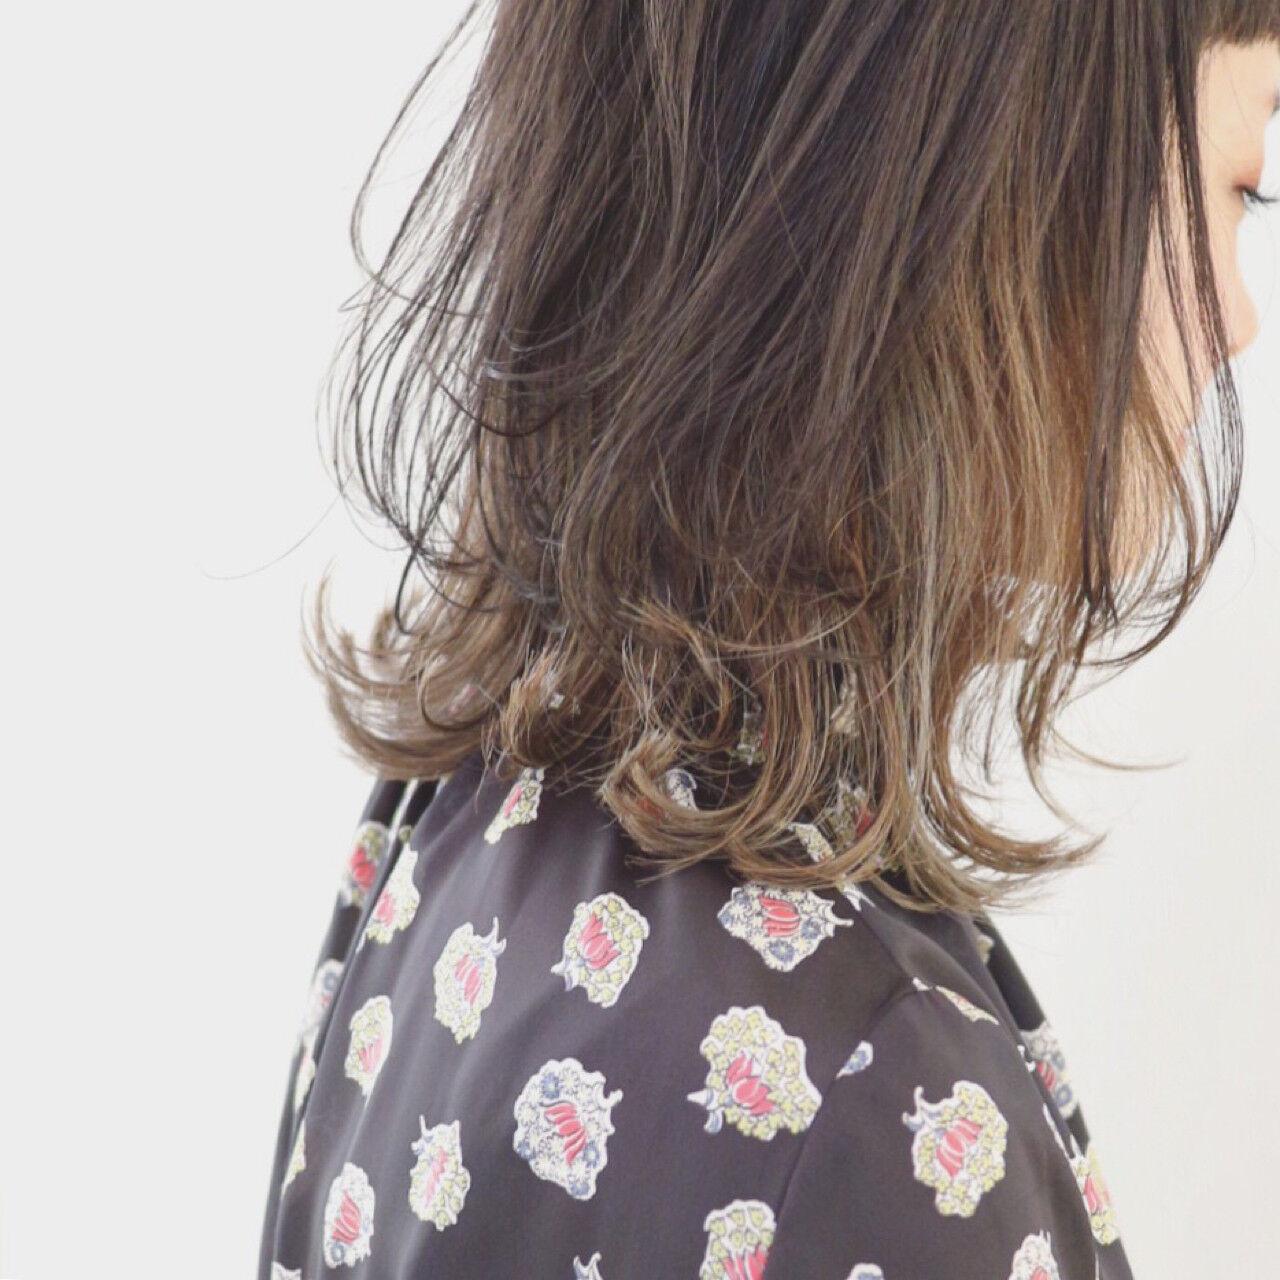 レイヤーカット ストリート 外国人風 グラデーションカラーヘアスタイルや髪型の写真・画像